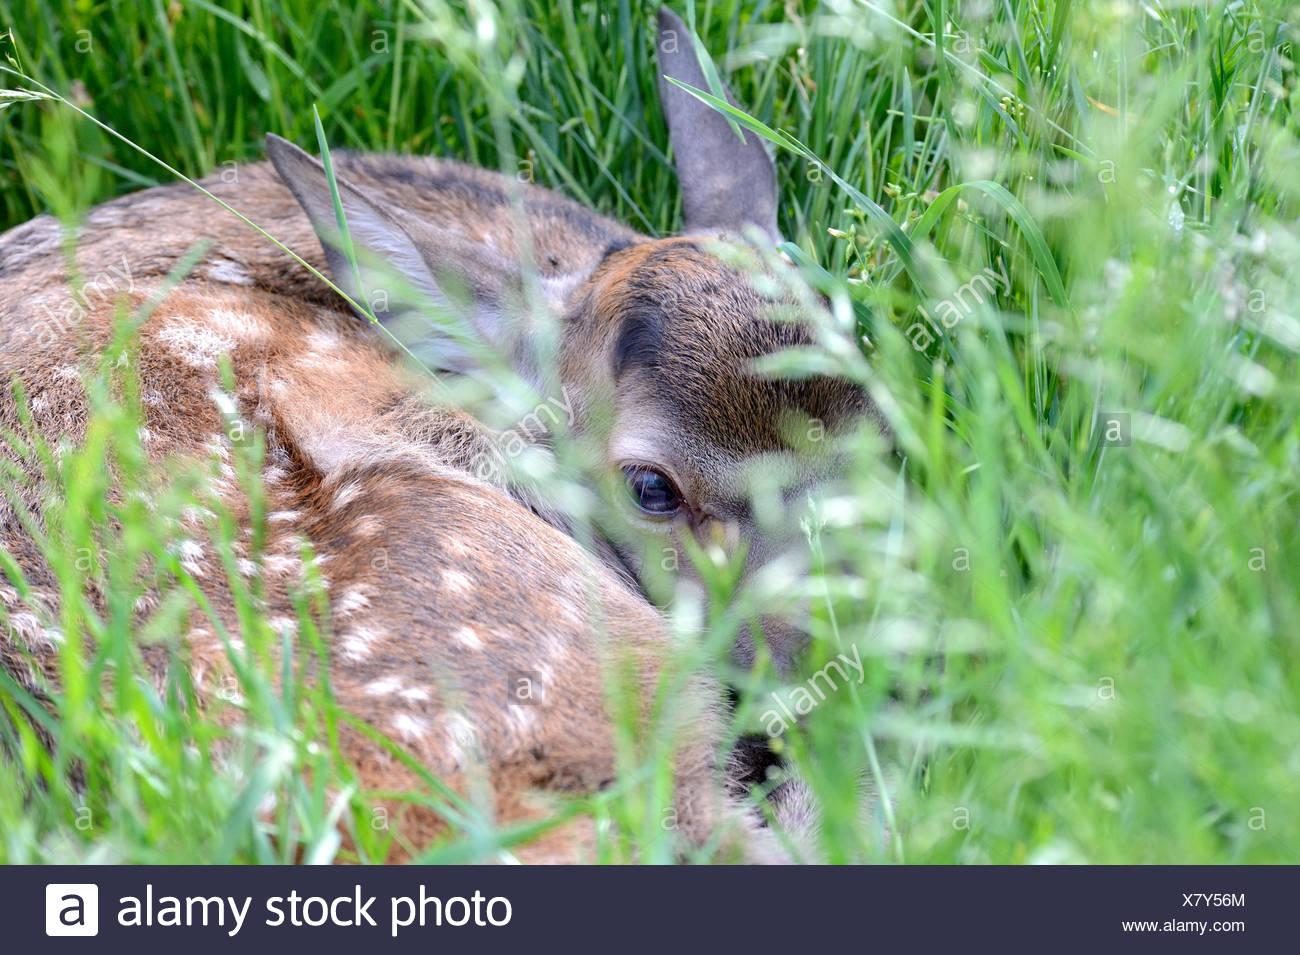 Red deer, Cervus elaphus, calf, meadow, detail, - Stock Image